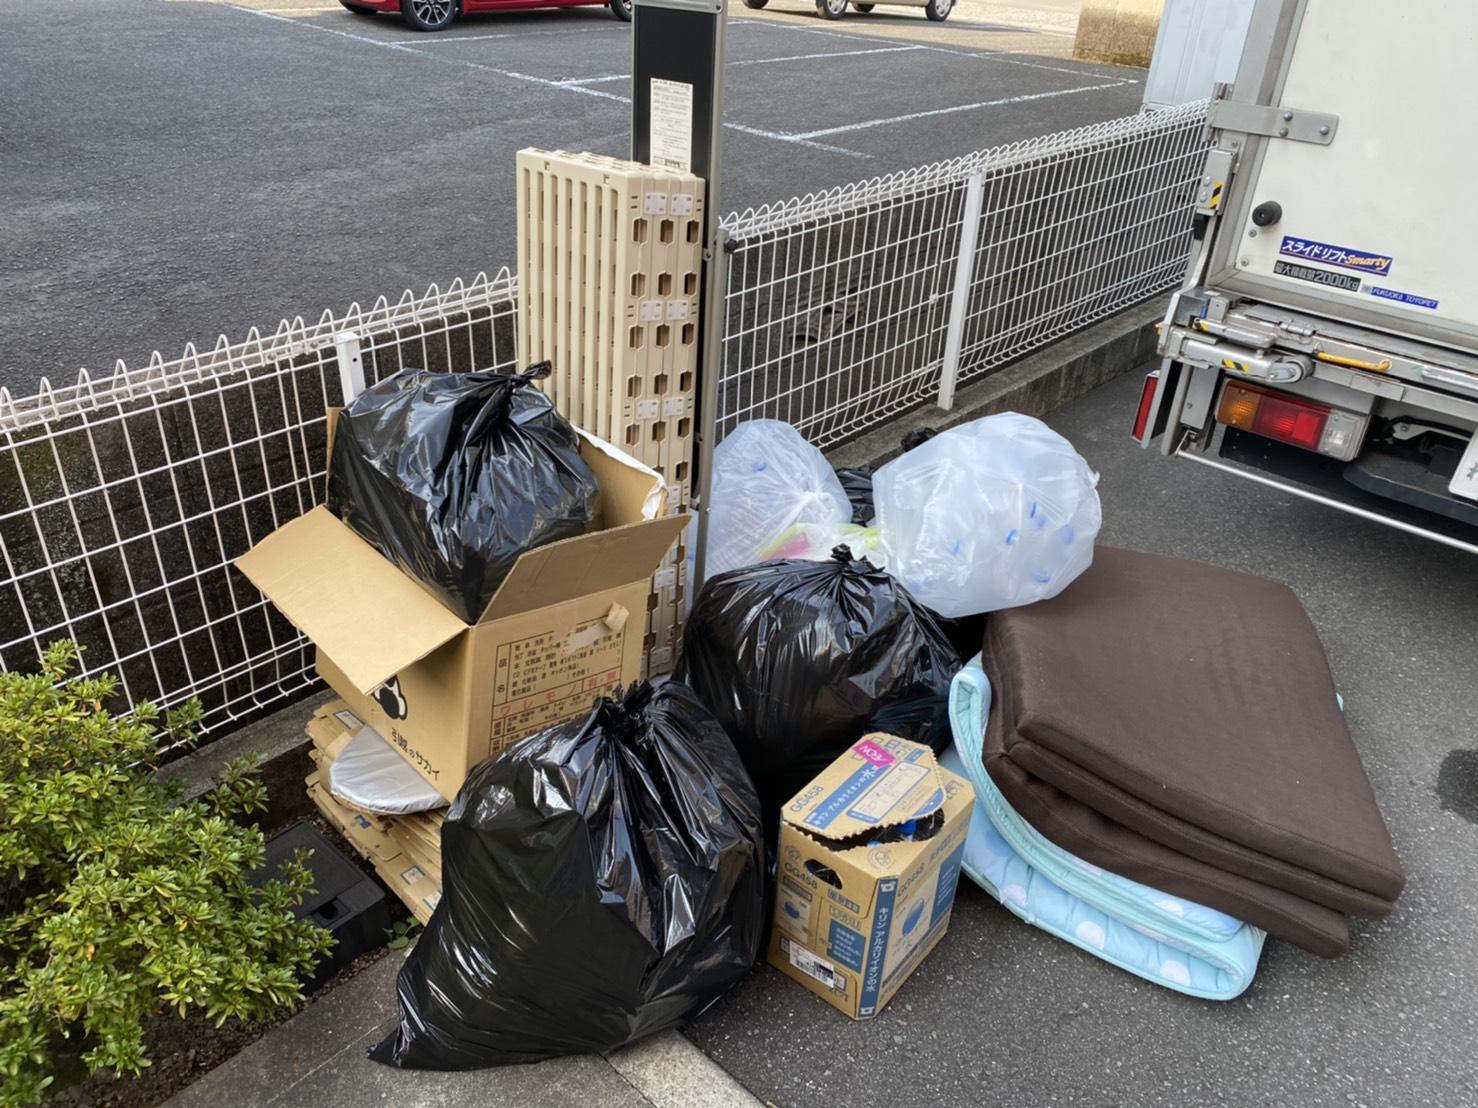 マットレス、雑貨類などの不用品の回収前